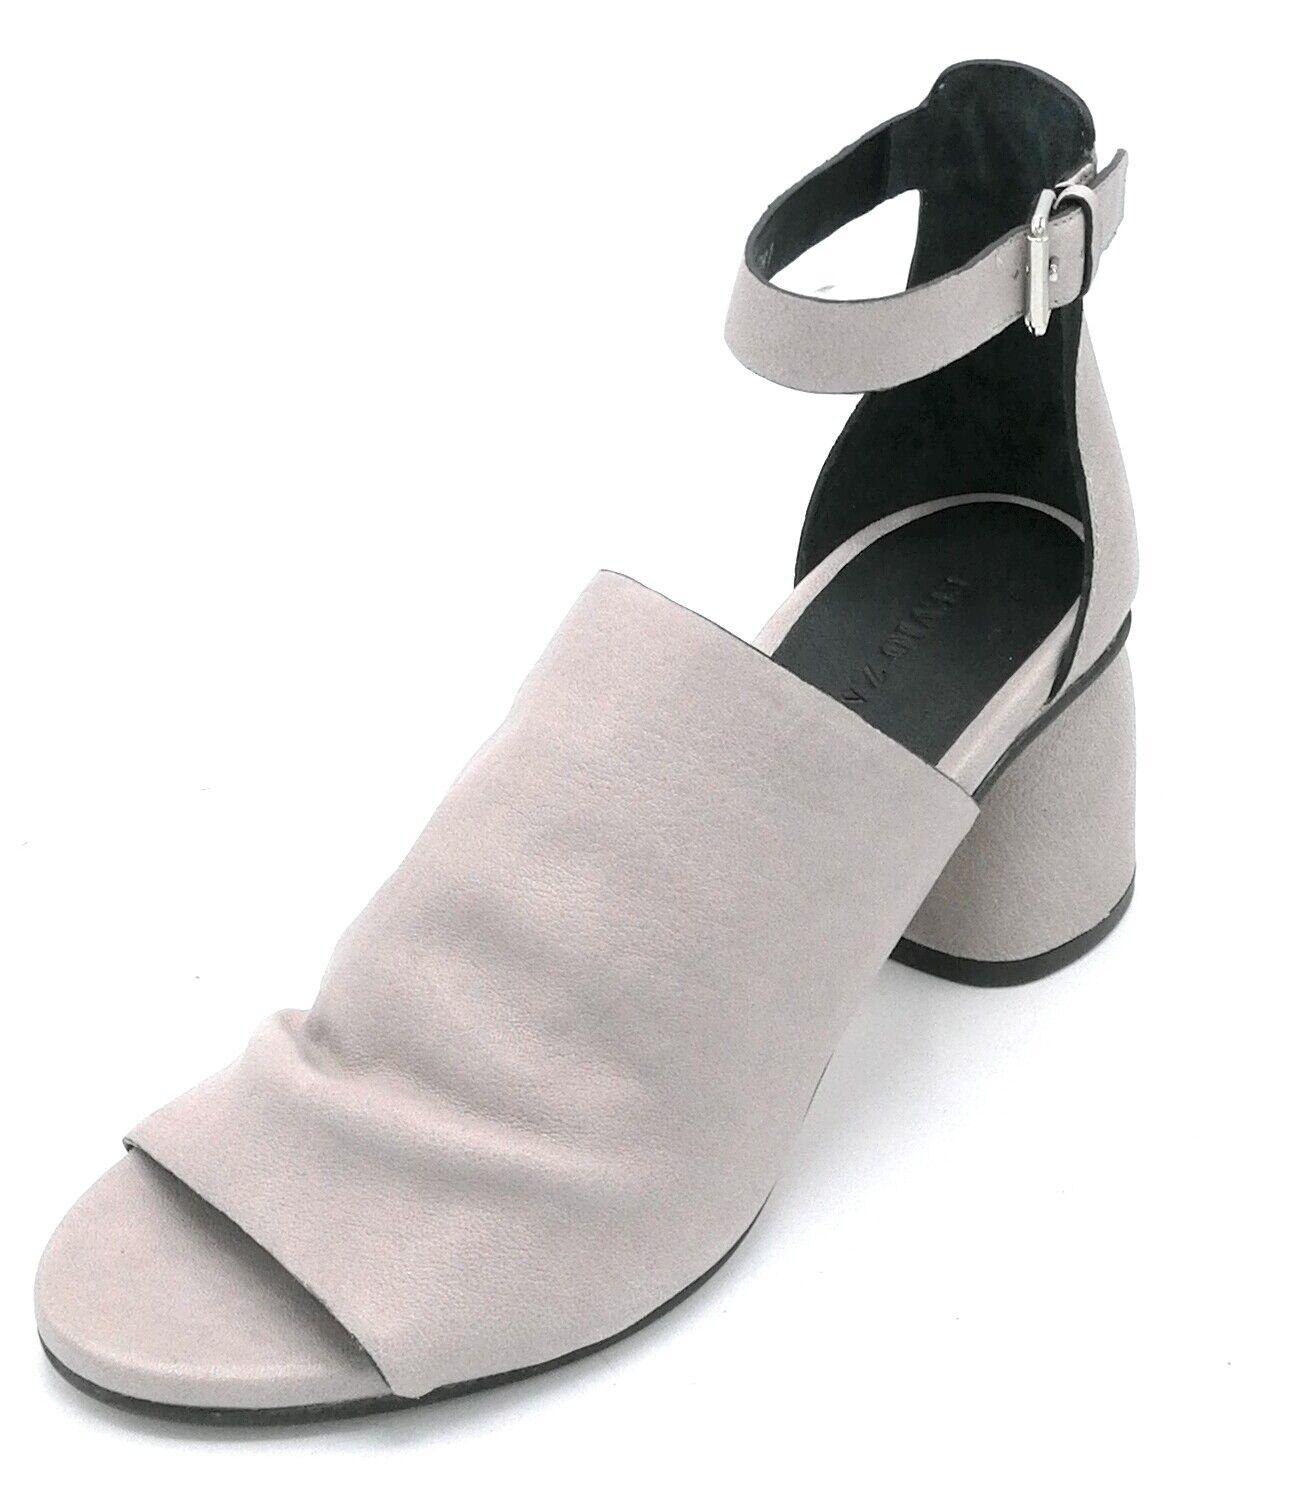 Zanon EJ5805 sandalo nappa lavanda cinturino tacco tacco tacco tondo 5 cm 9c12a0